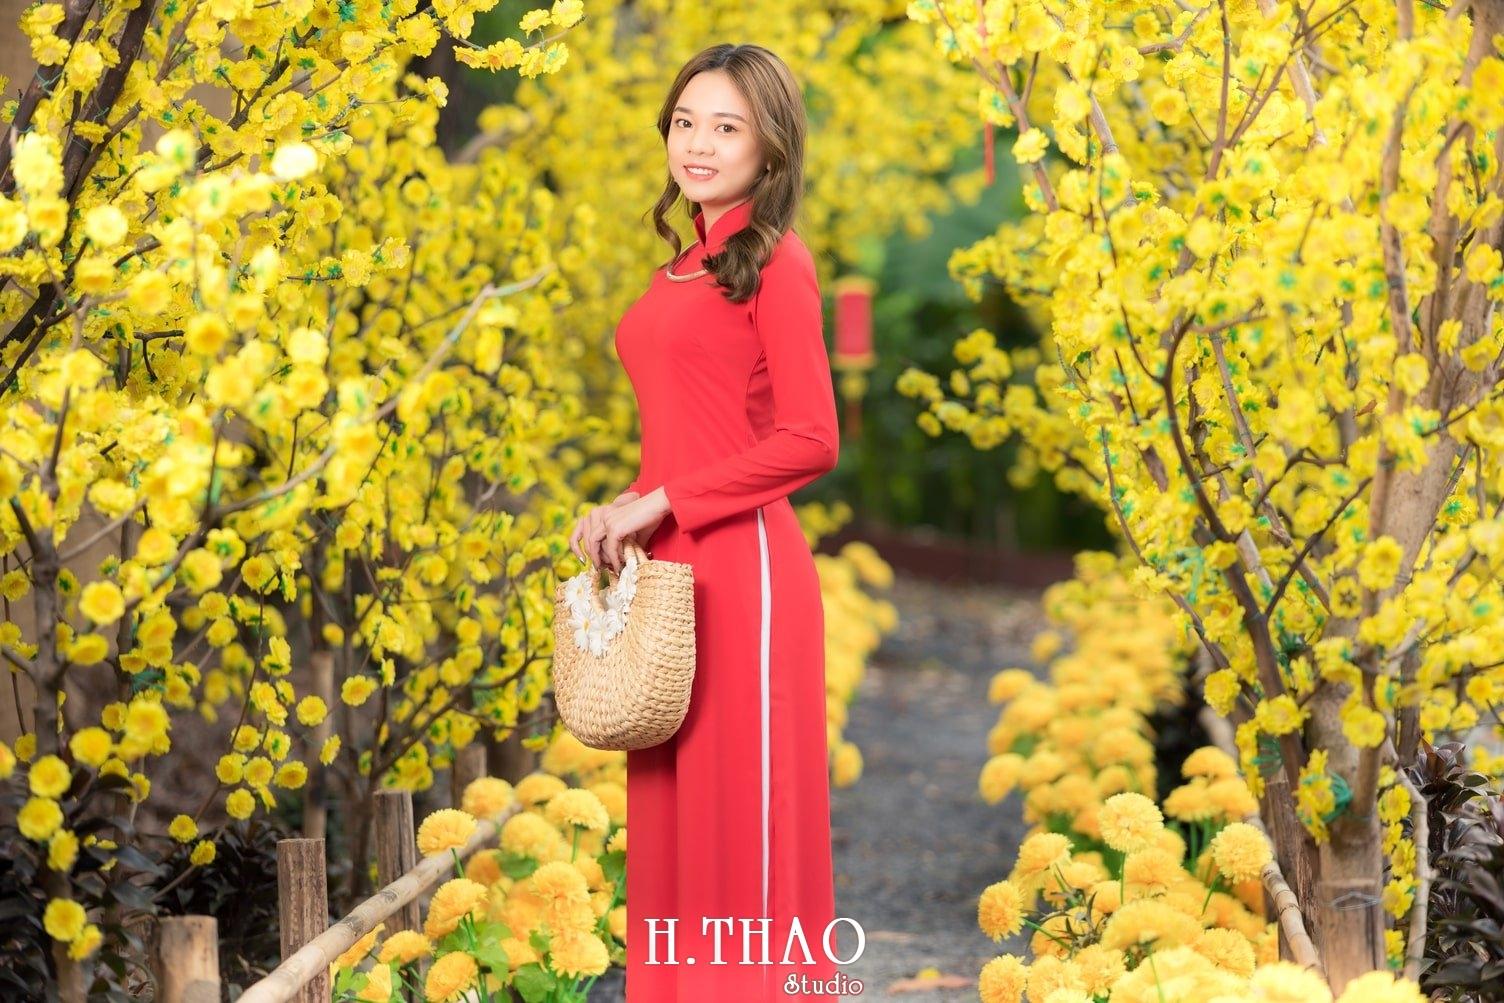 Ao dai tet do 4 - Top 40 ảnh áo dài chụp với Hoa đào, hoa mai tết tuyệt đẹp- HThao Studio